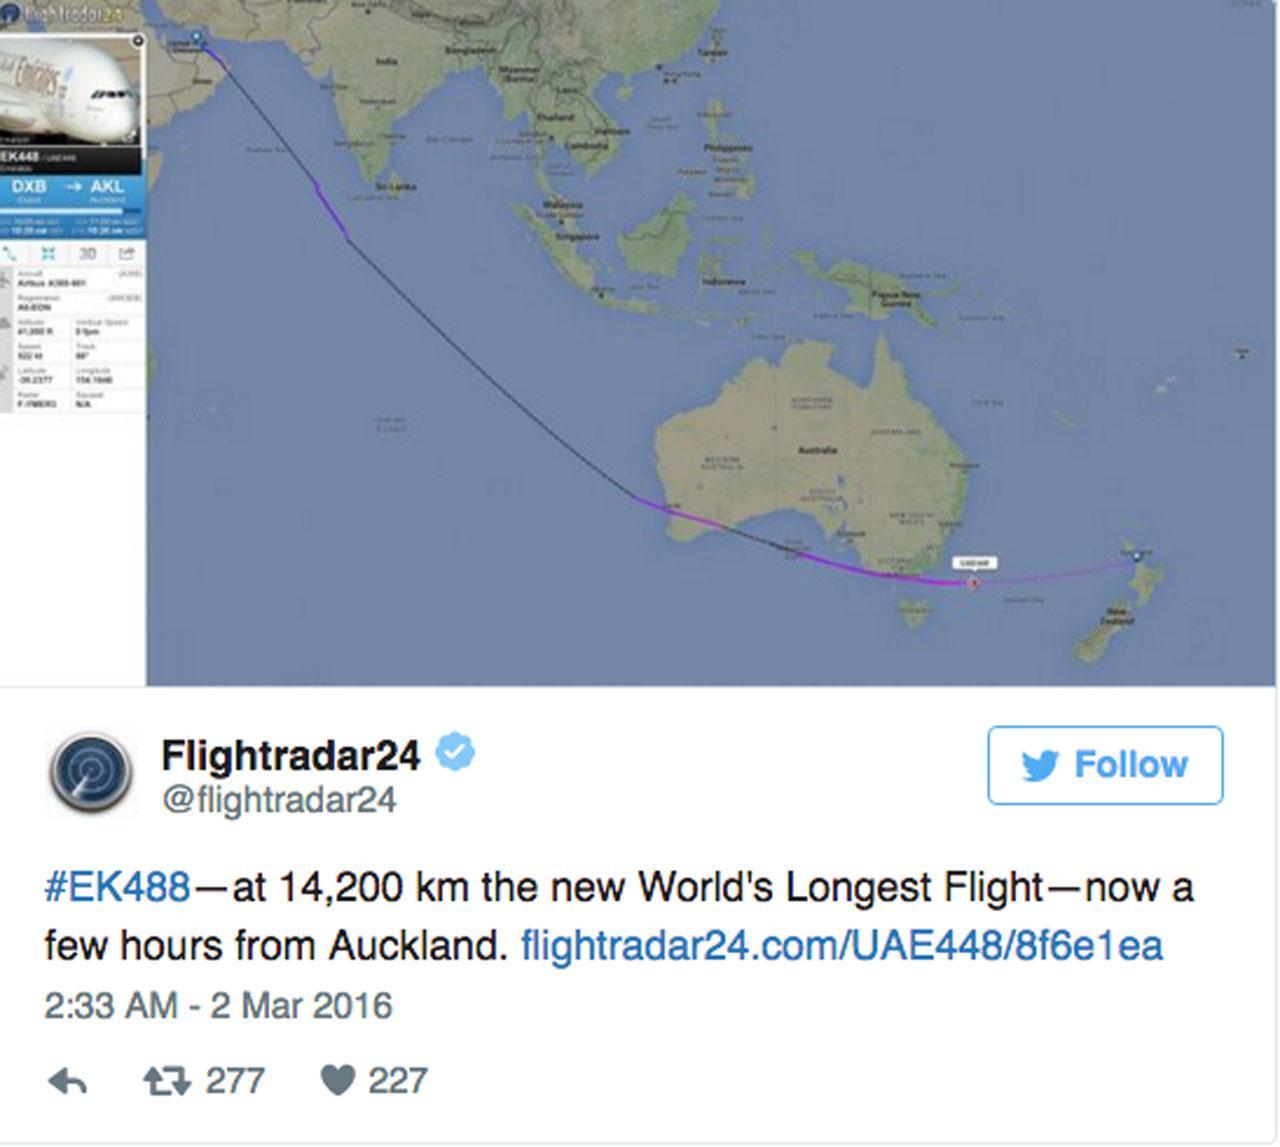 ทวิตเตอร์ของ Flightradar24 แสดงเส้นทางบินระยะทาง 14,200 กม.ดูไบ-โอ๊คแลนด์